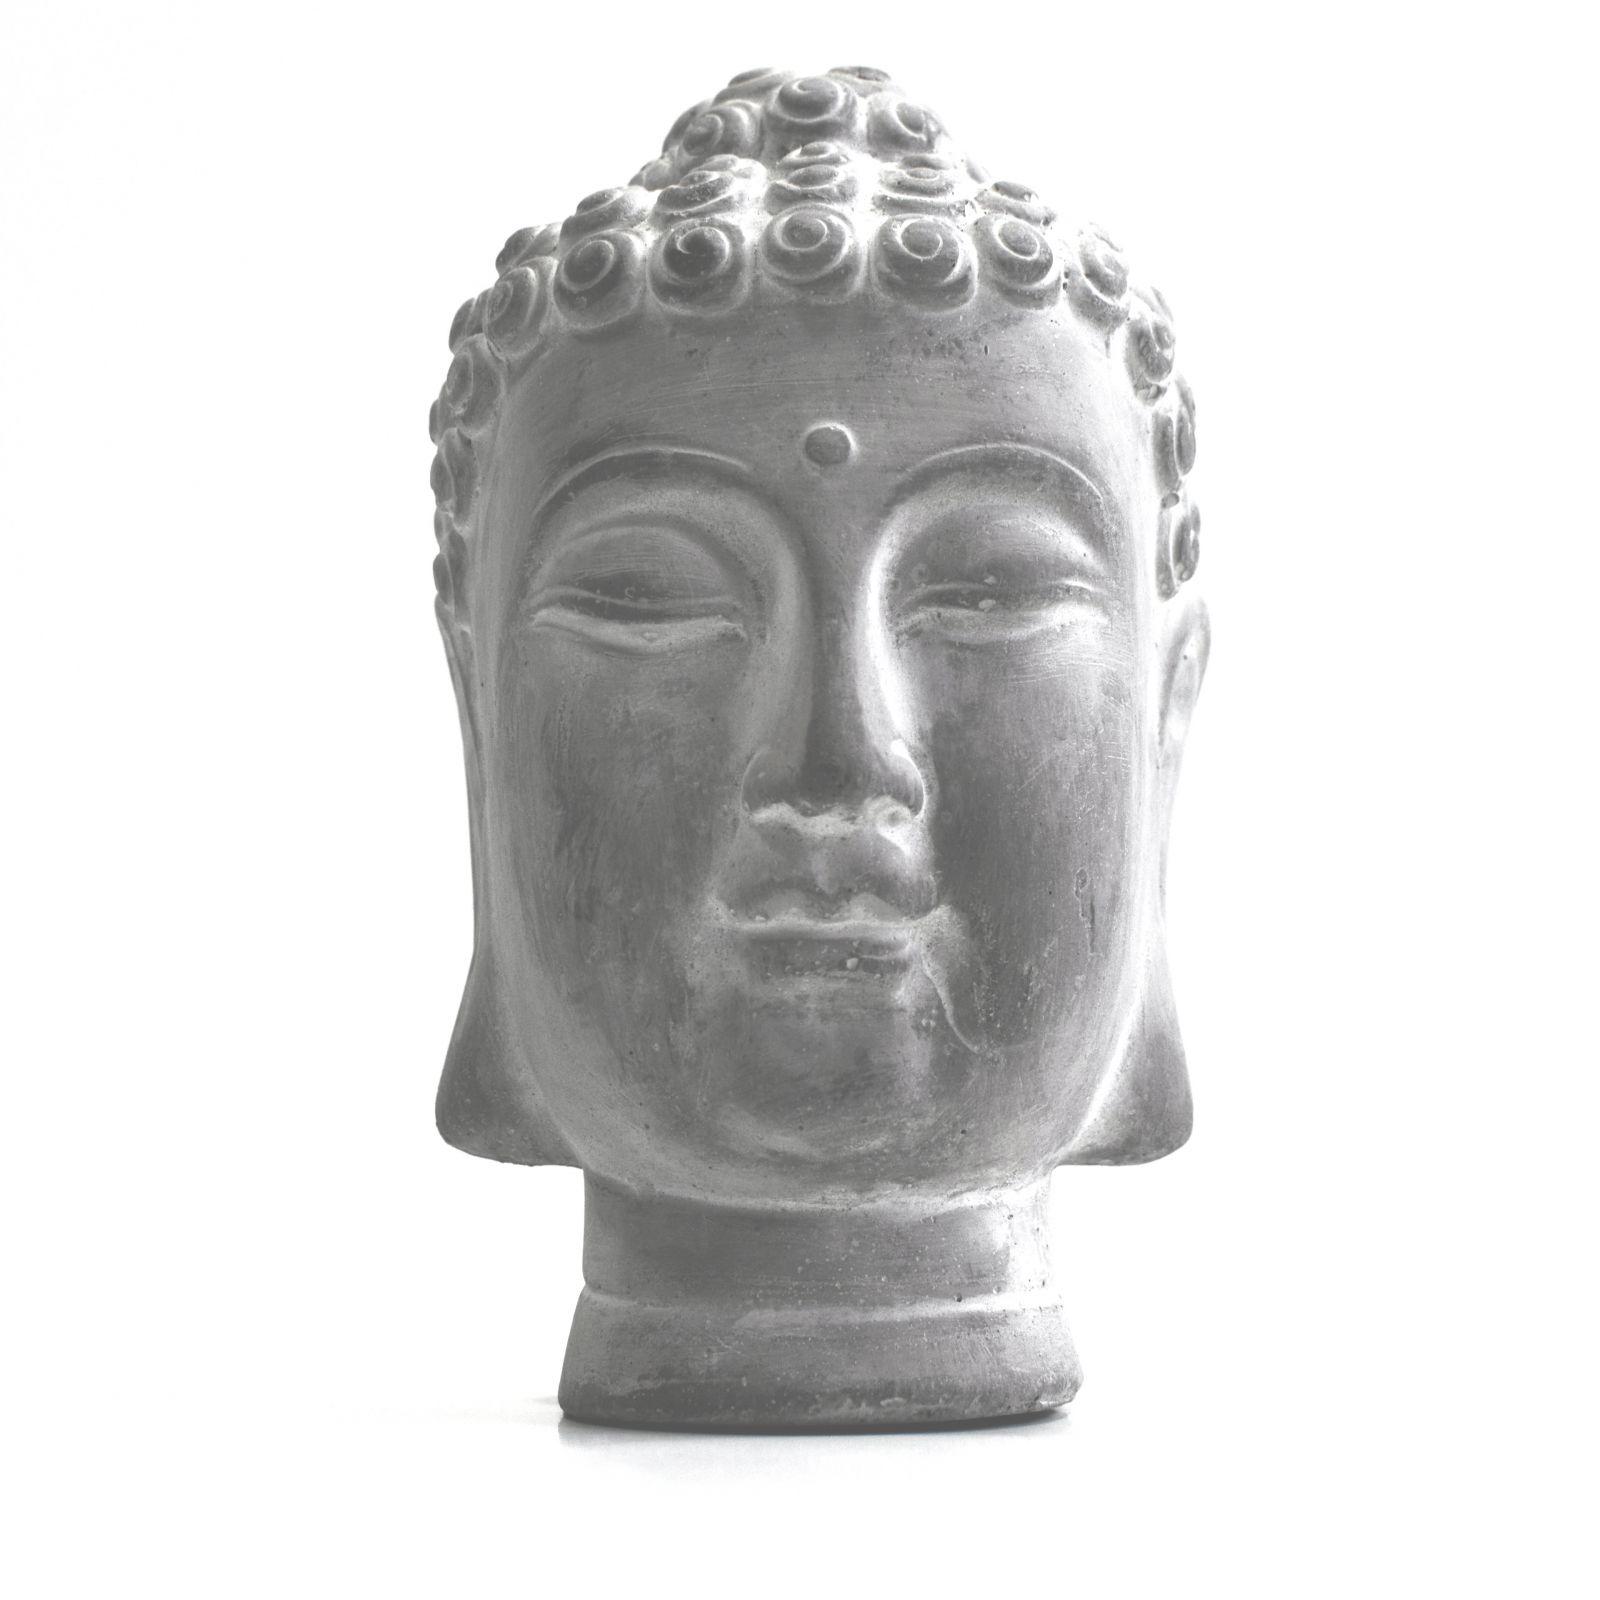 Soška Buddhova hlava beton 19 cm